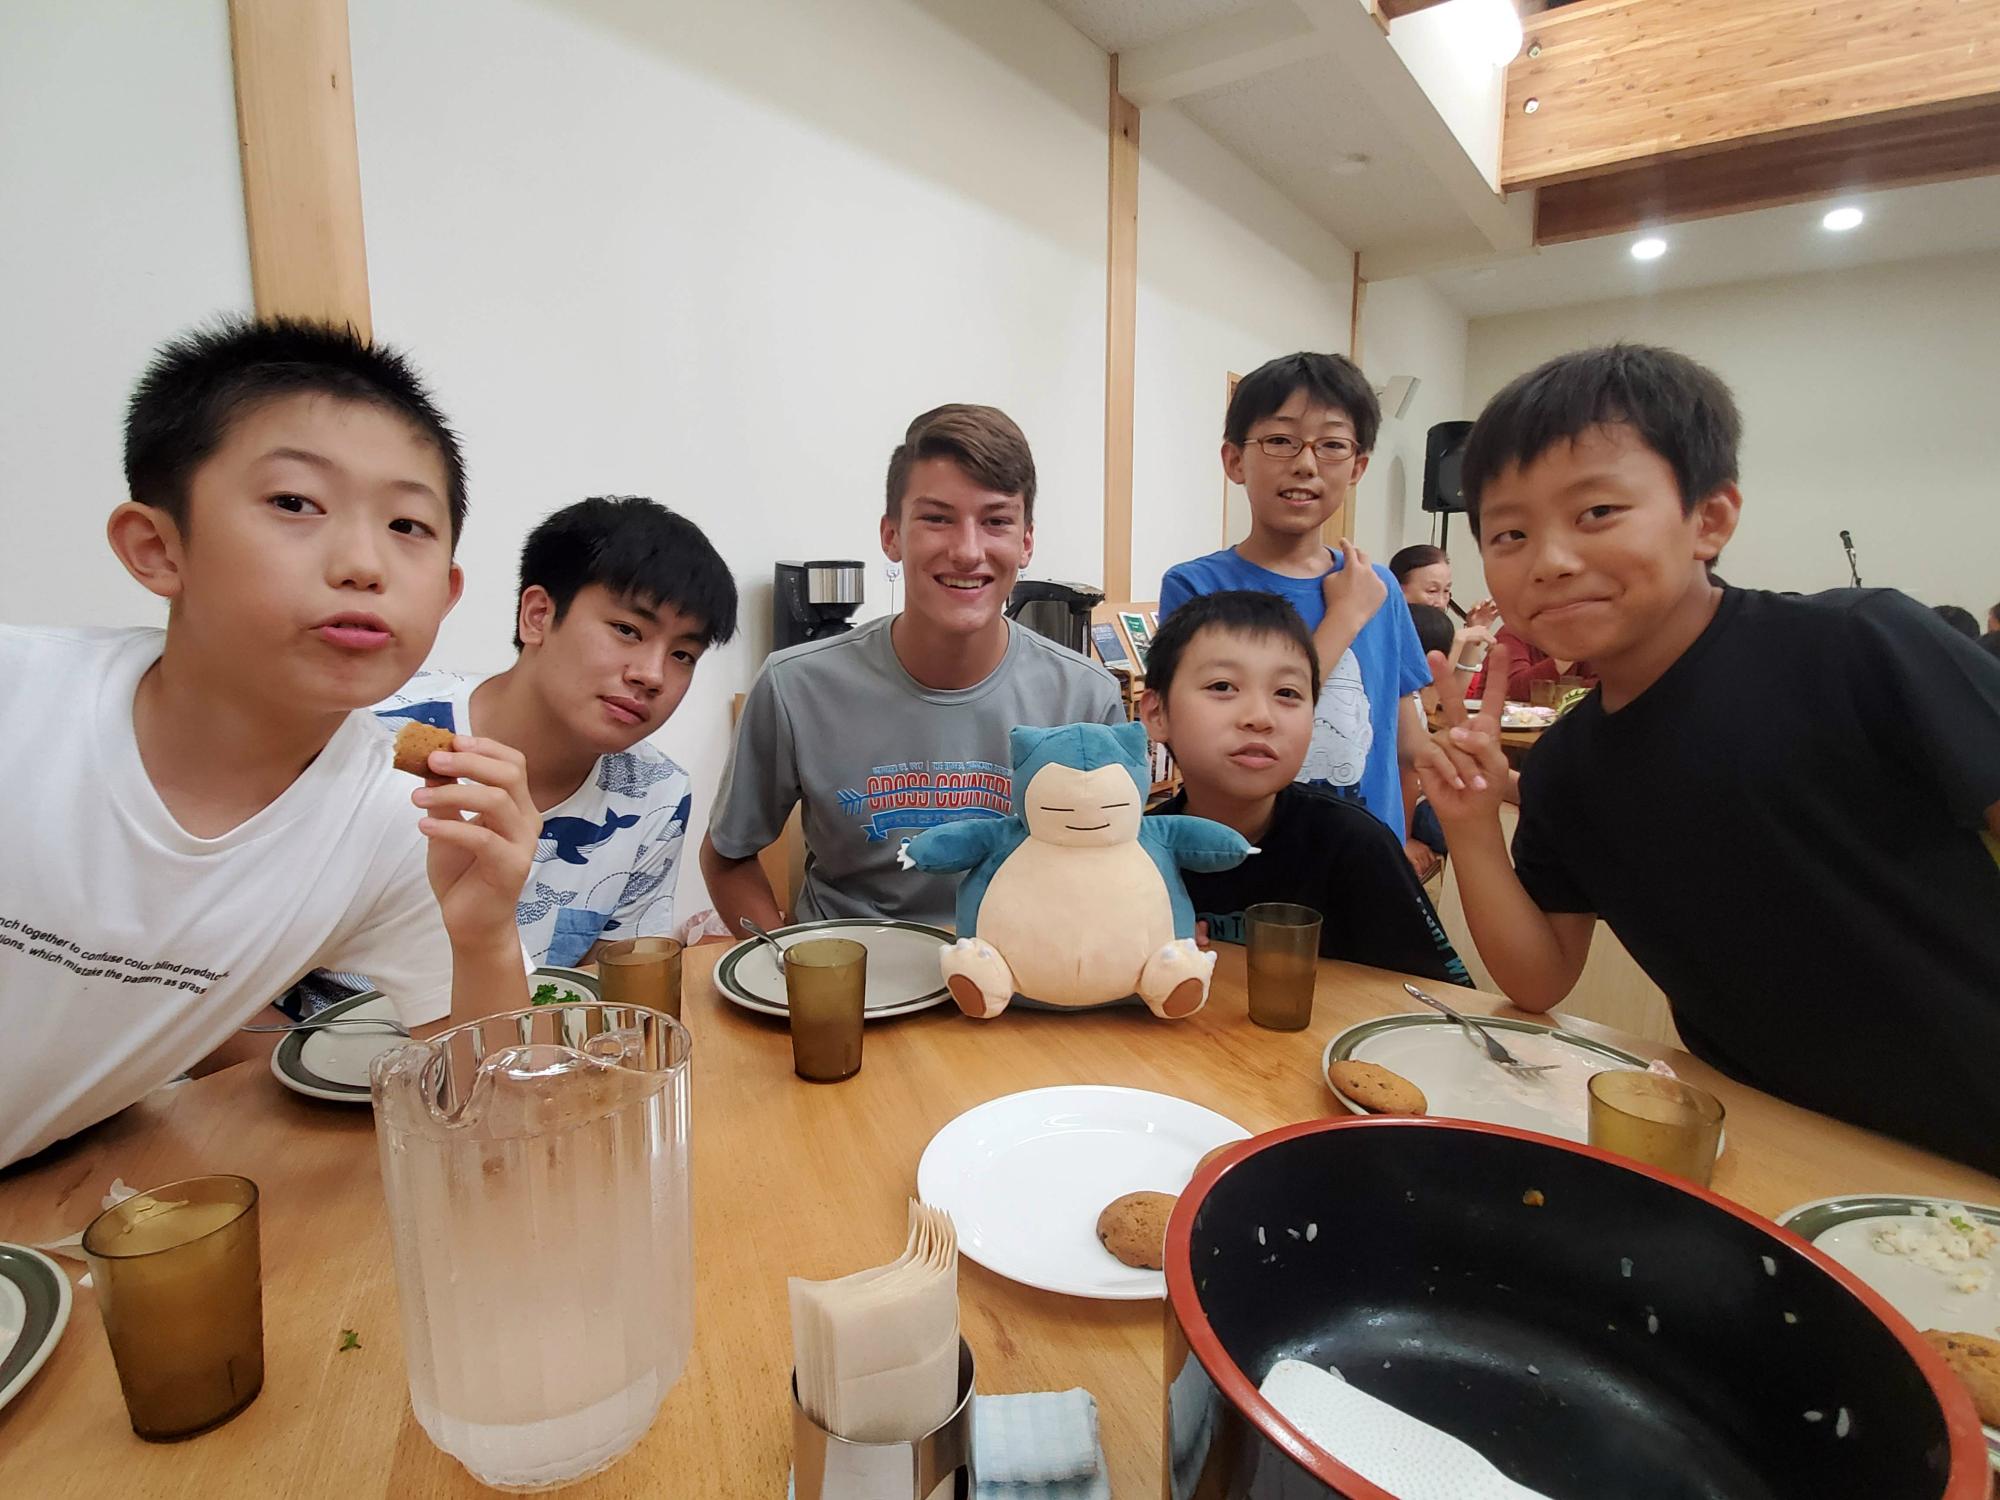 Isosaki Group